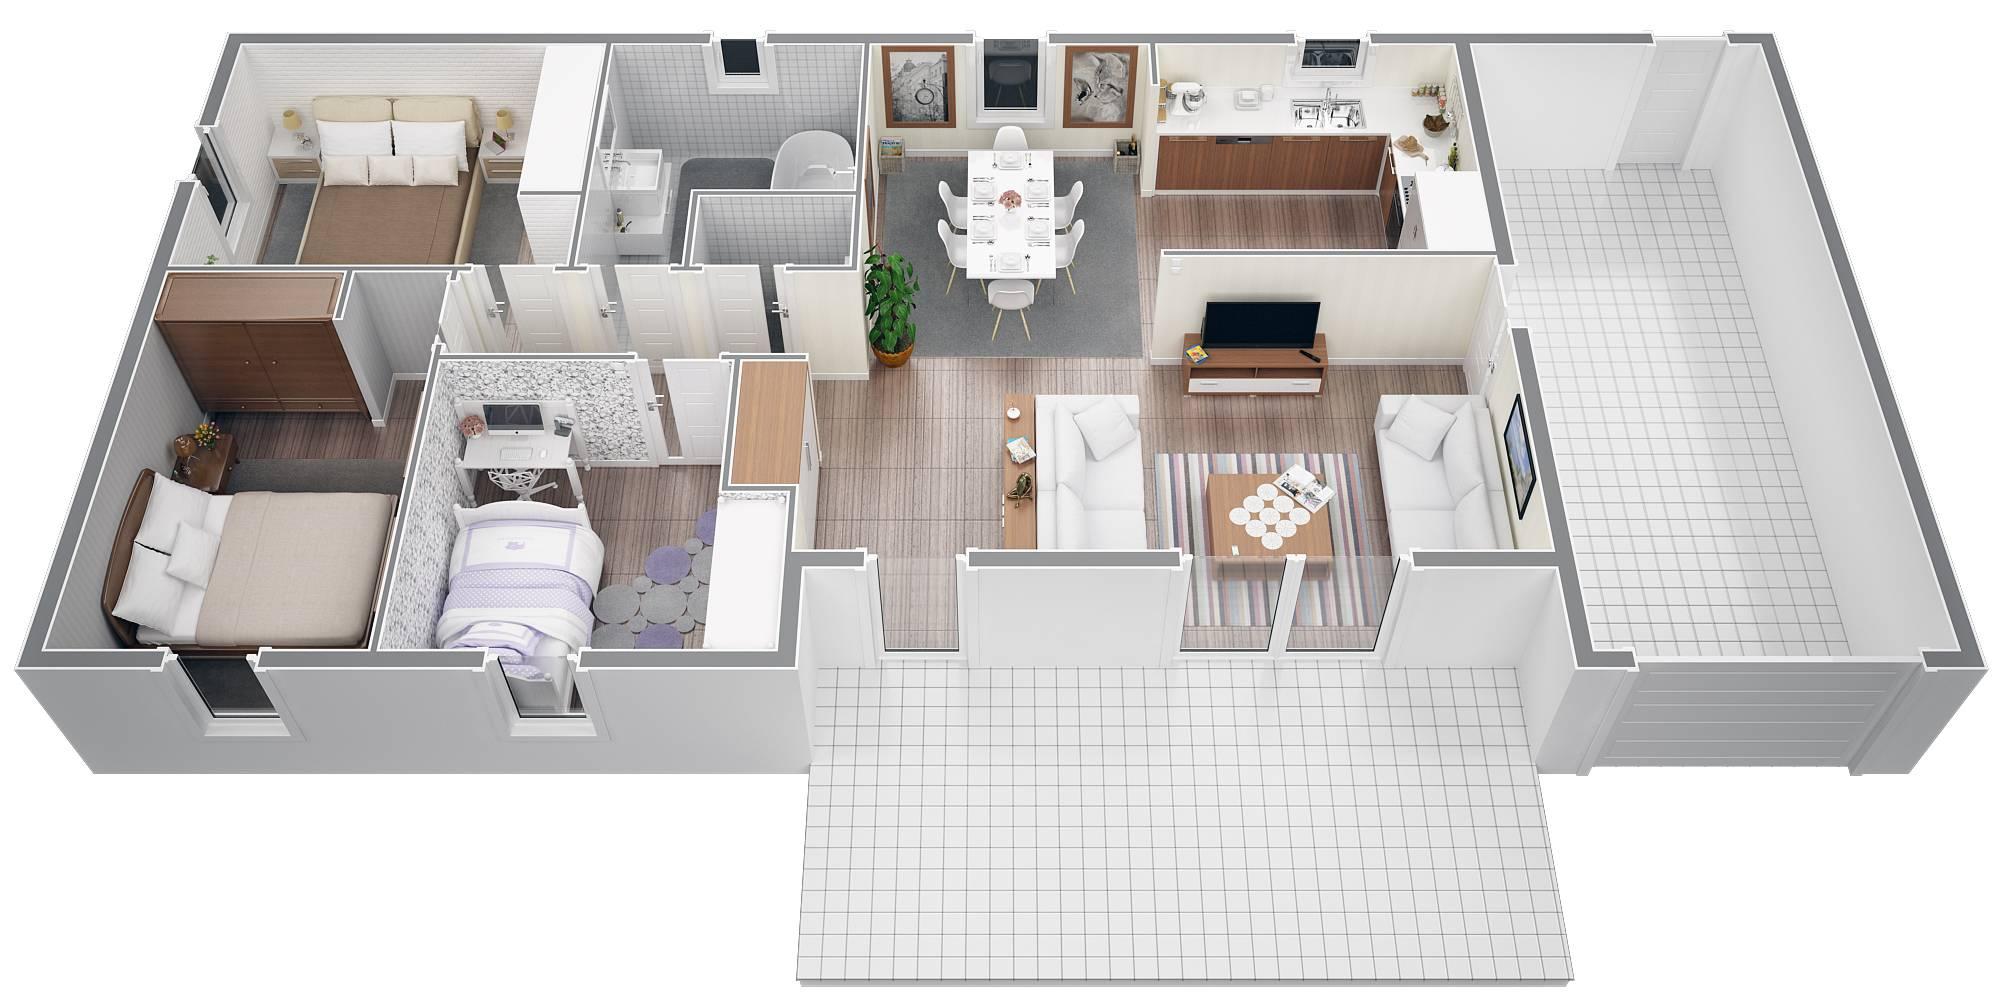 Modele de maison moderne plan - Idées de travaux